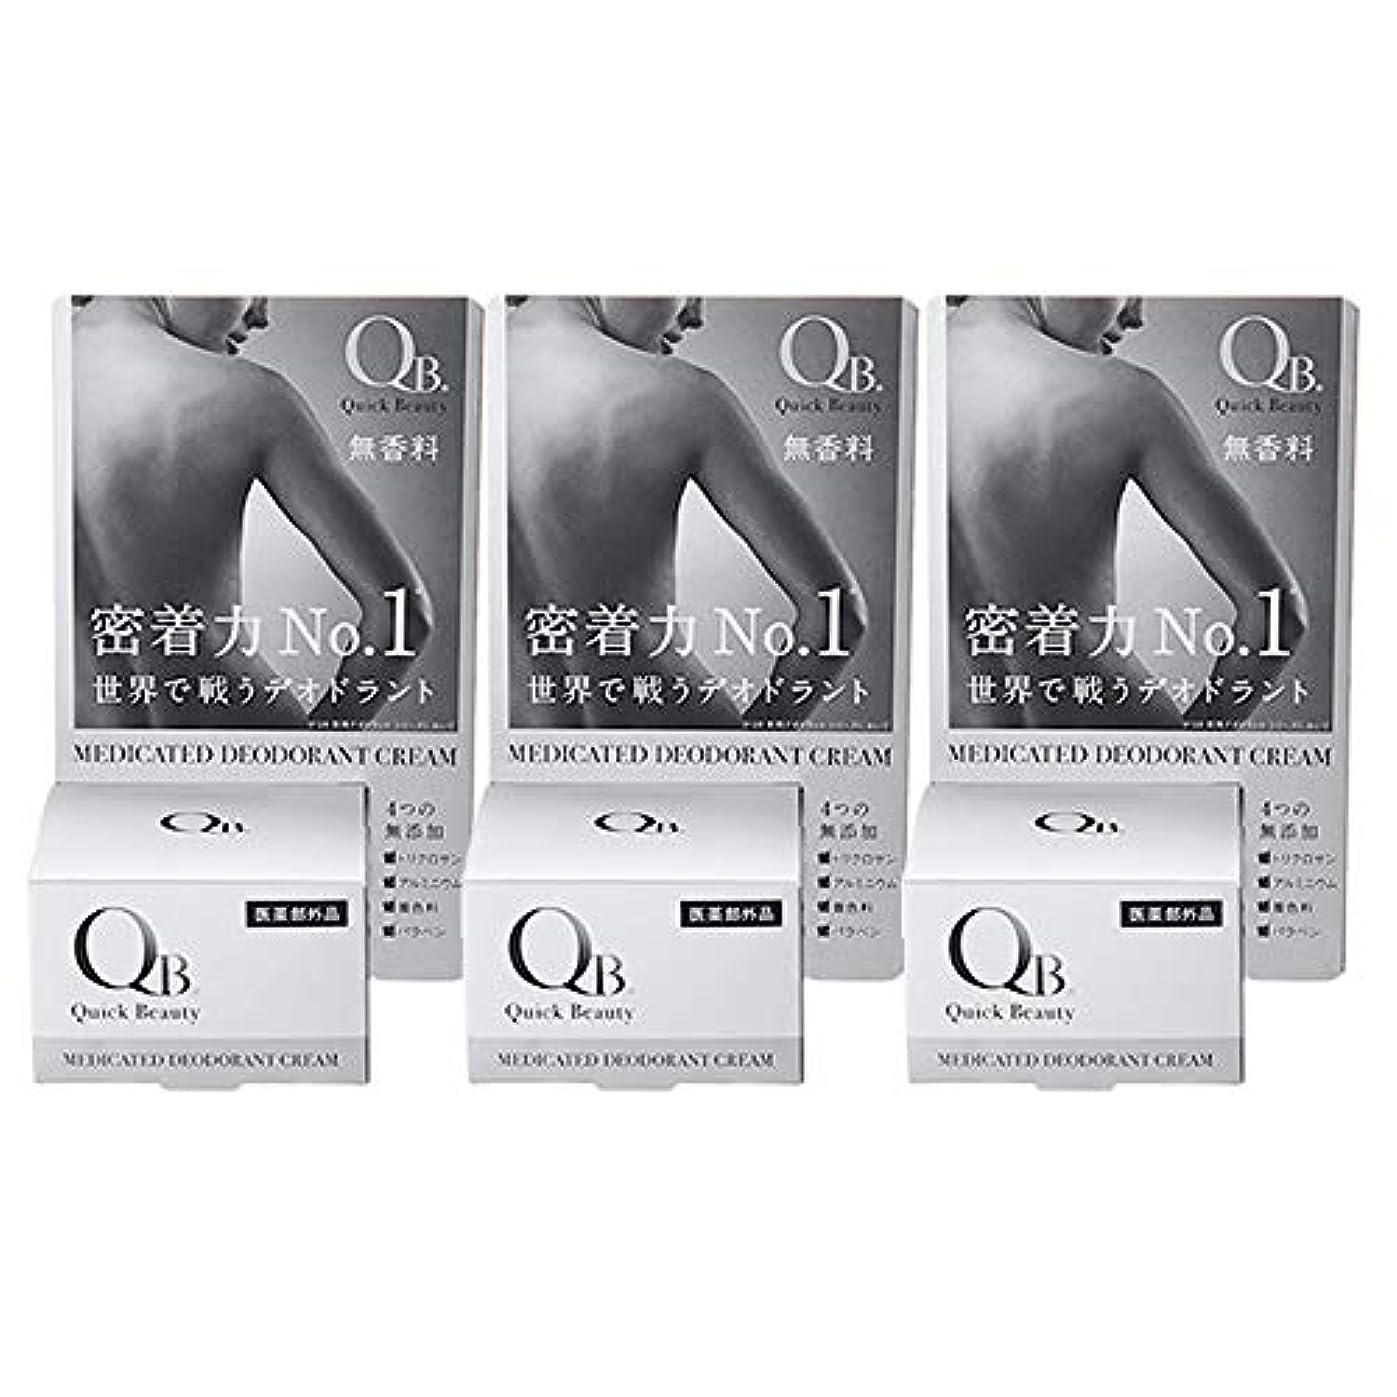 起点活気づく蒸留する【お得3個セット】QB 薬用デオドラントクリーム 30g